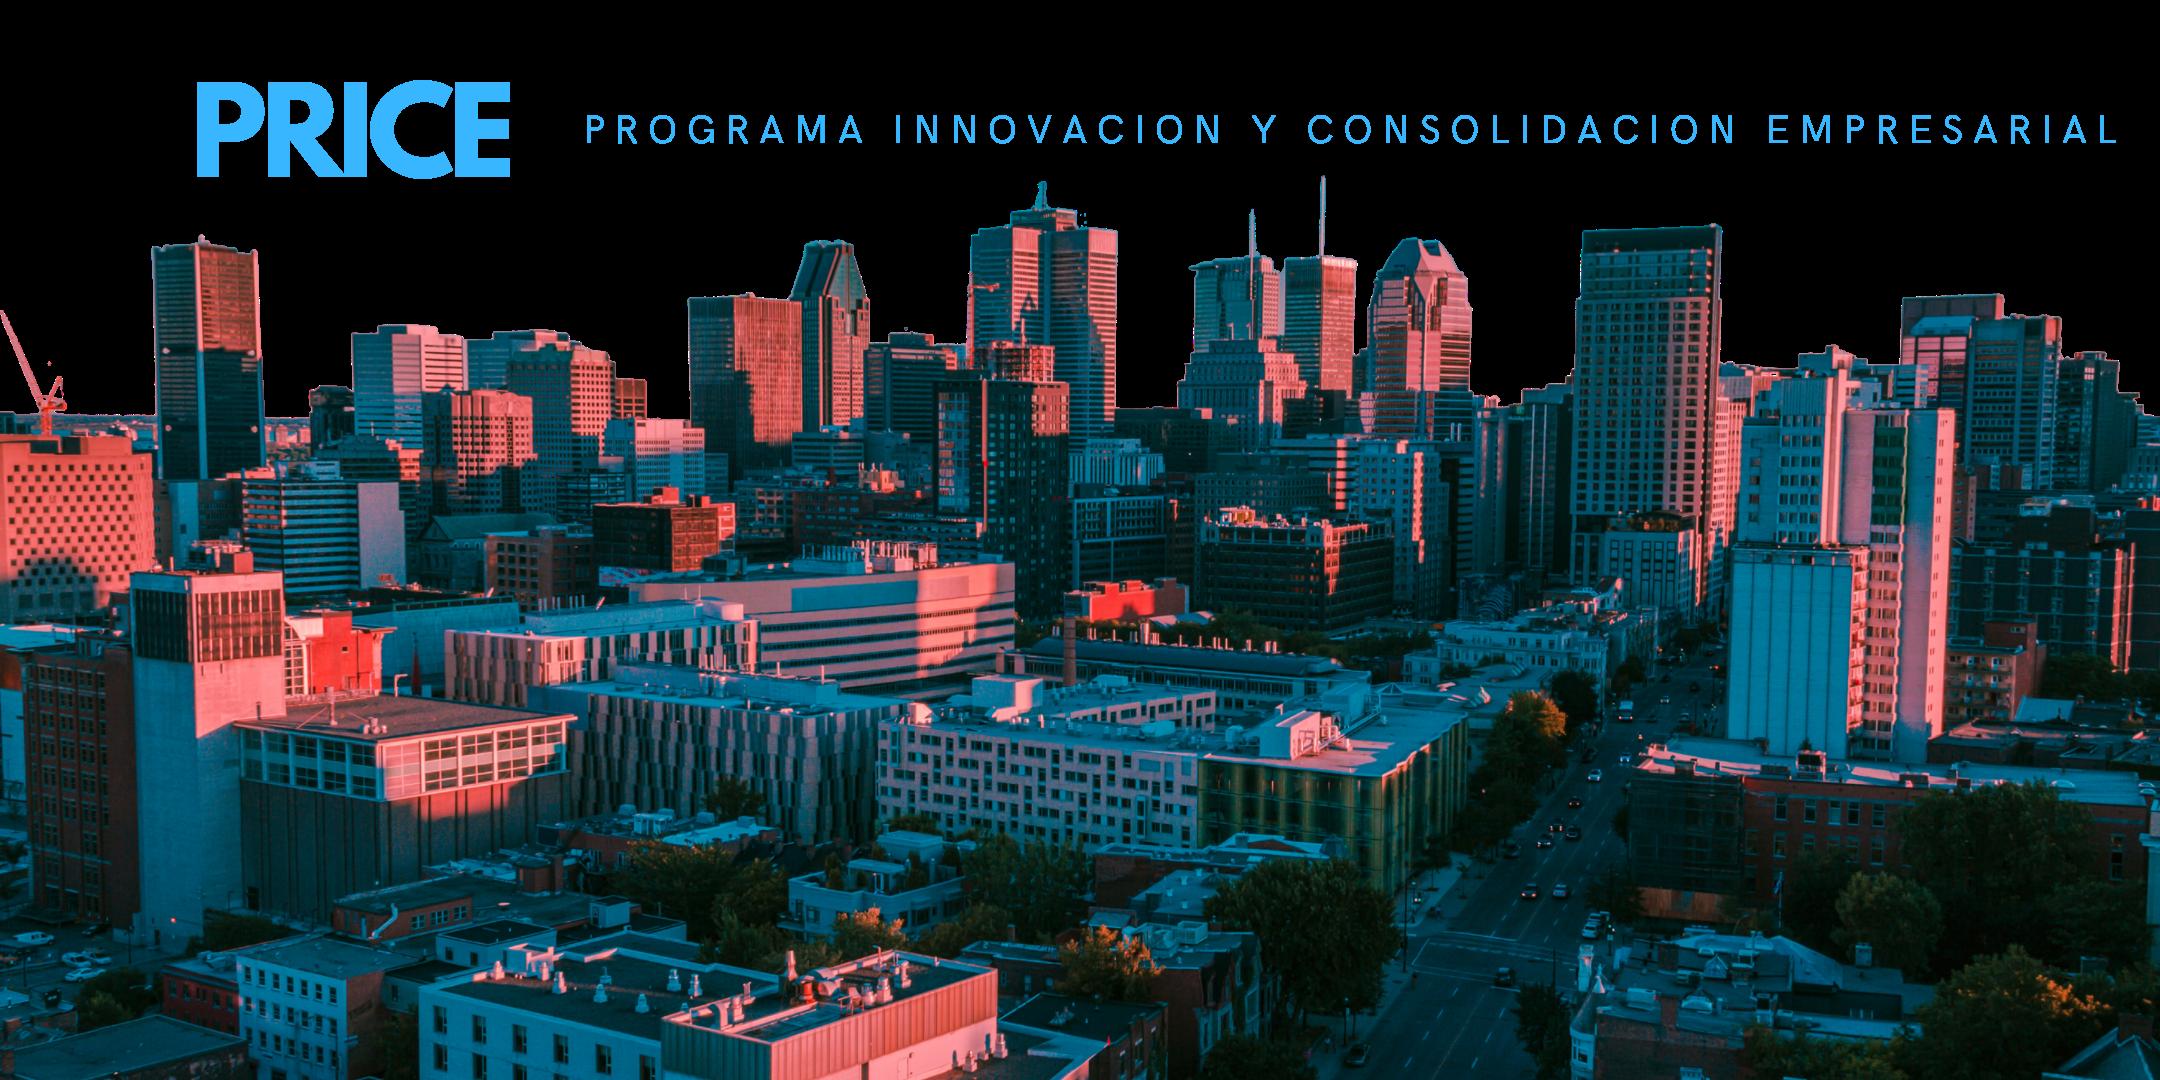 programa innovación y consolidación empresarial